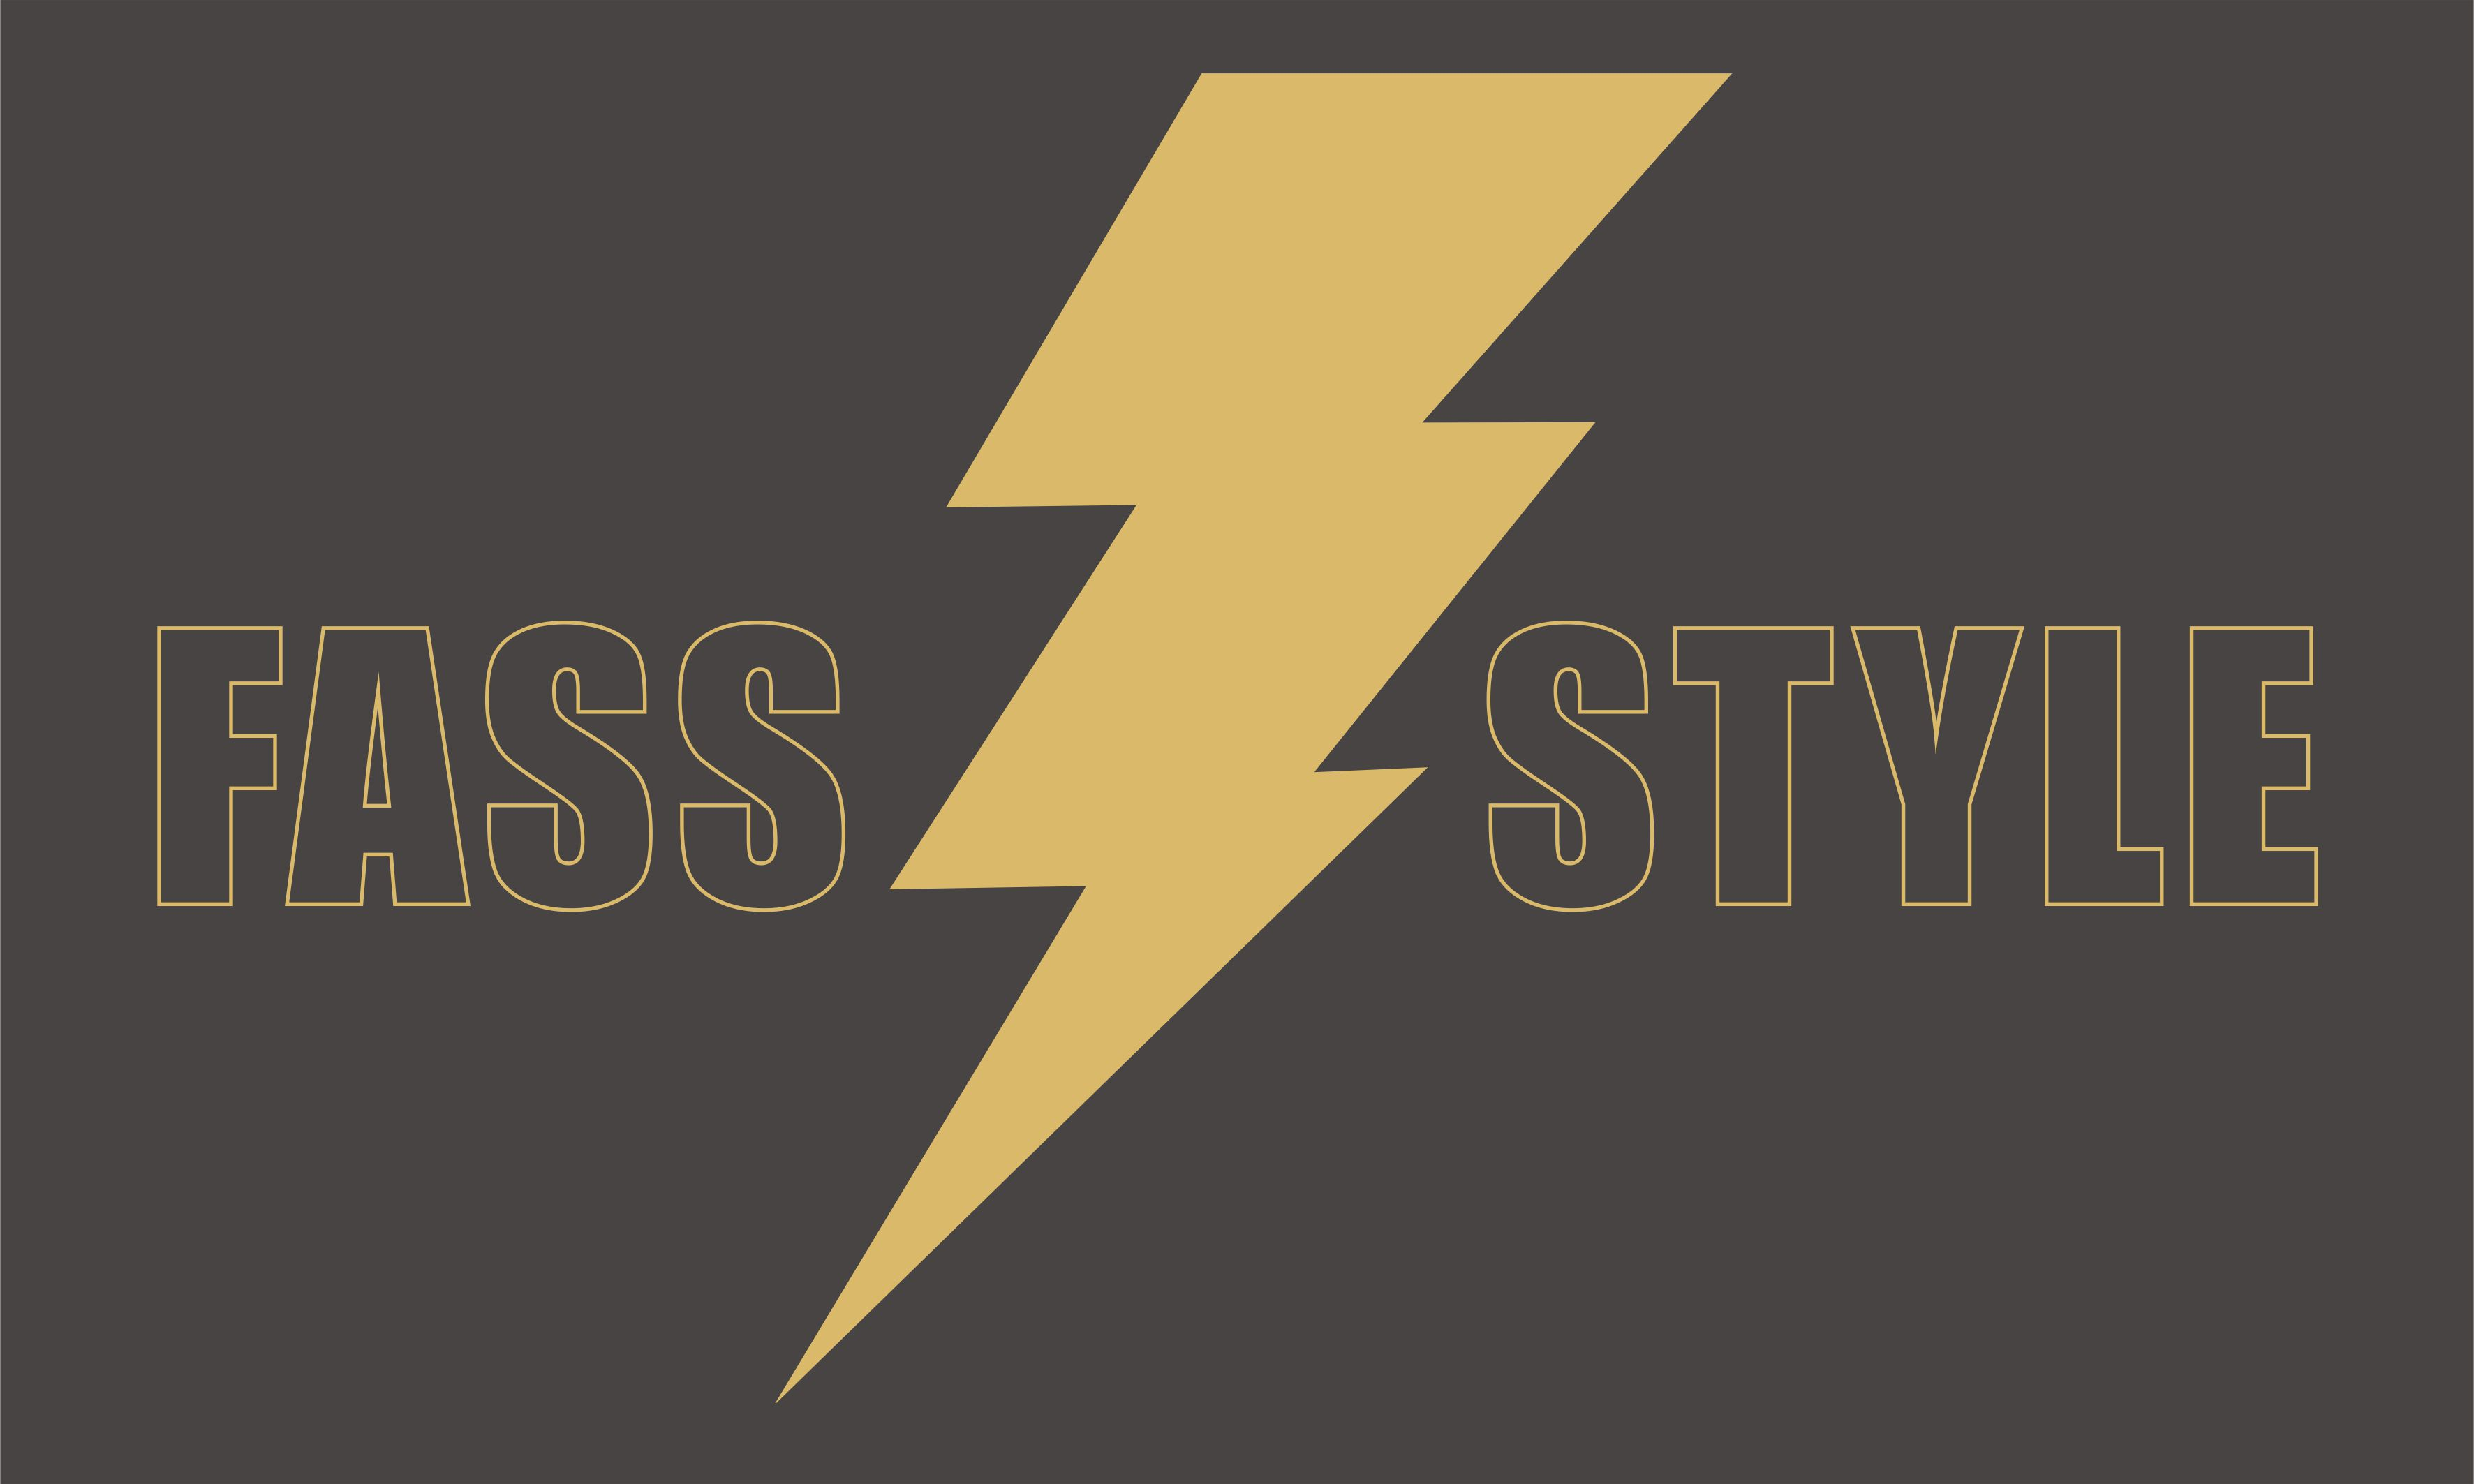 FASS STYLE LOGO